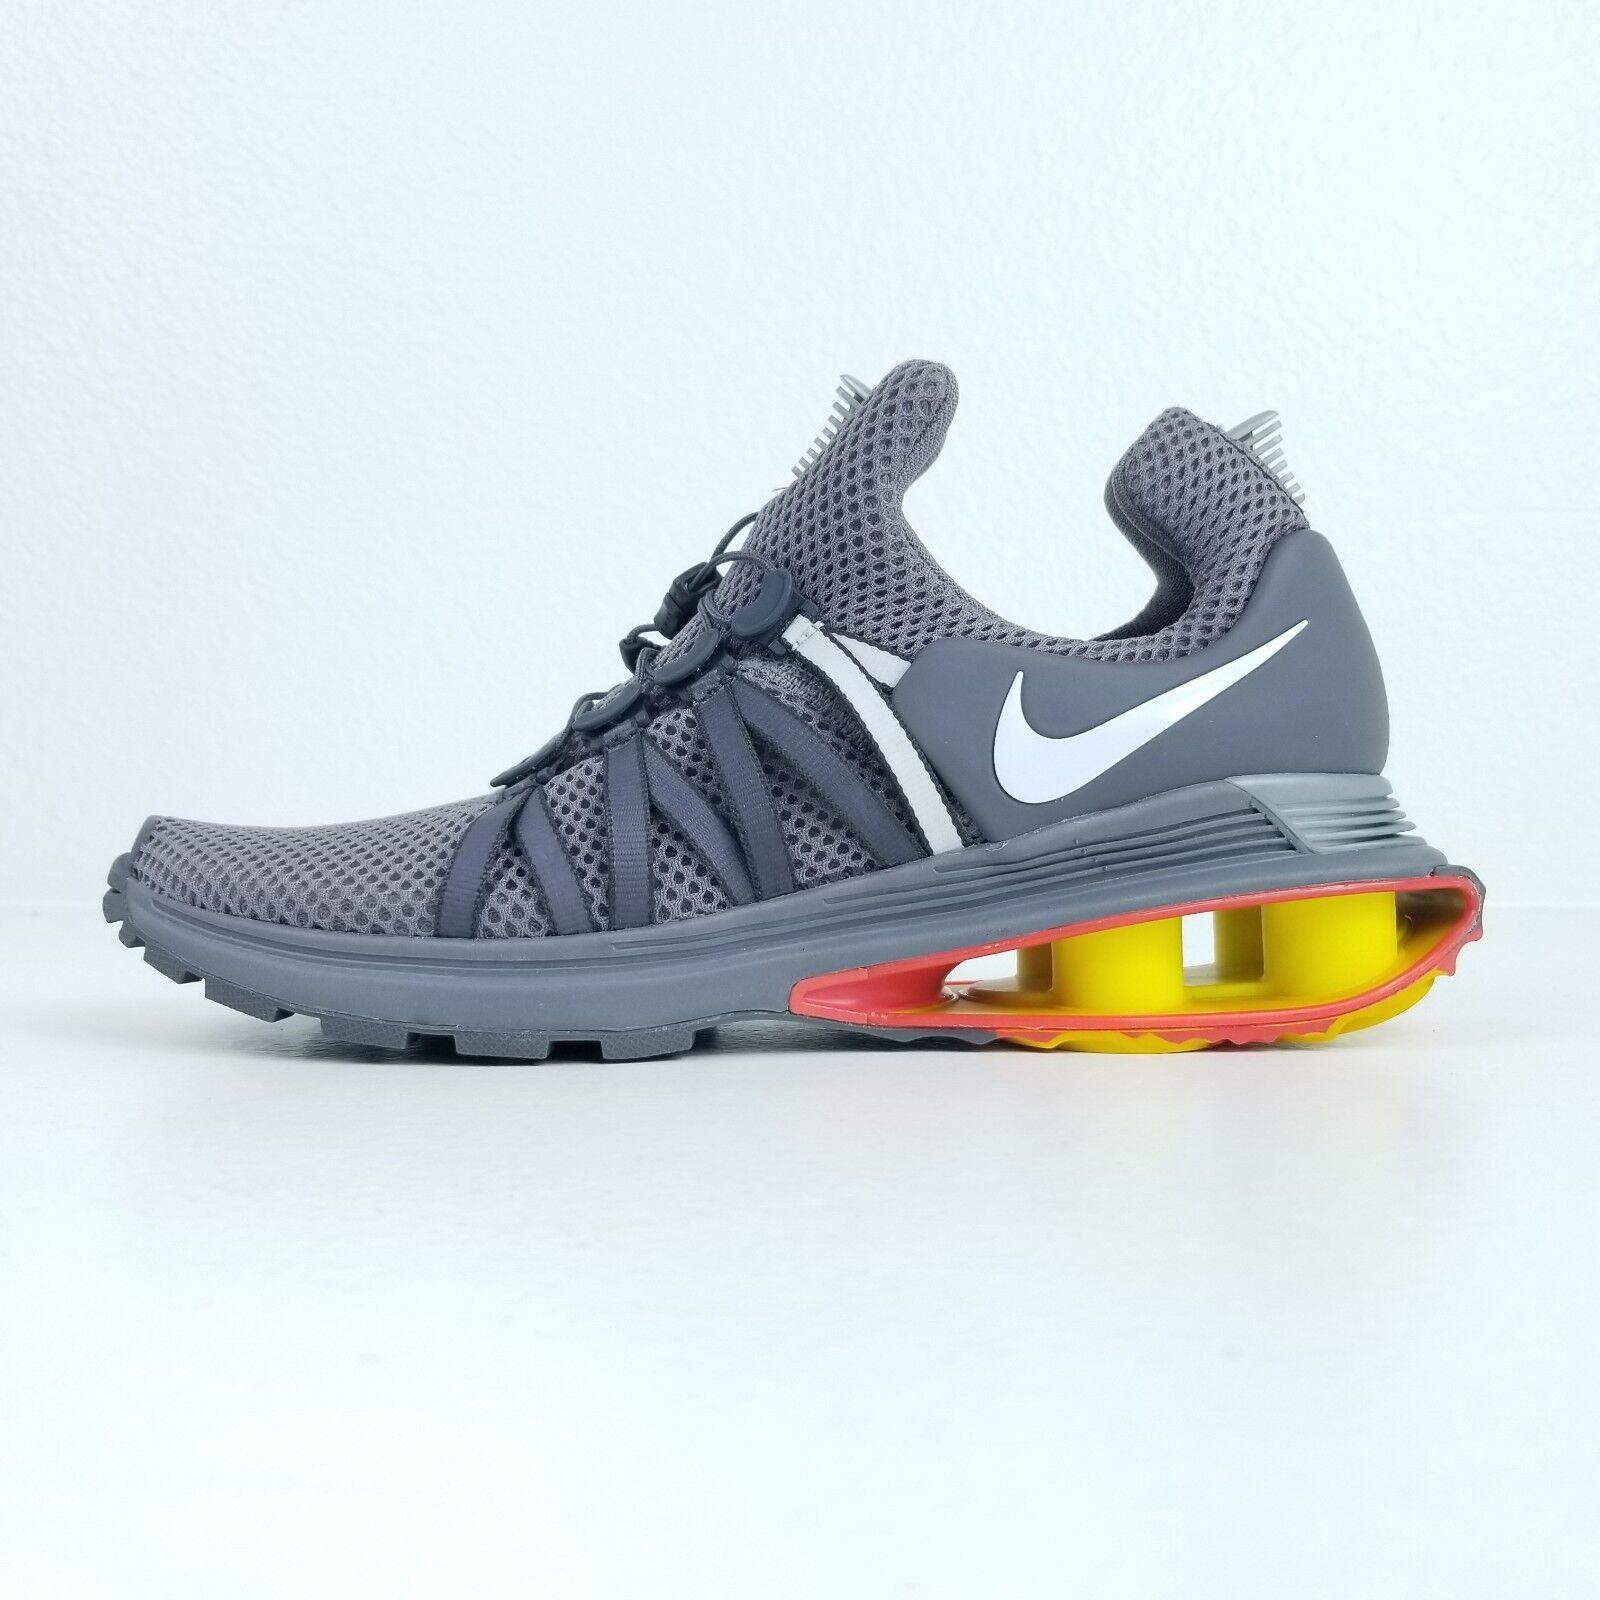 Nike shox da gravit della formazione delle scarpe da shox corsa Uomo sz 9,5 gunsmoke grey aq8553 006 4cd39d